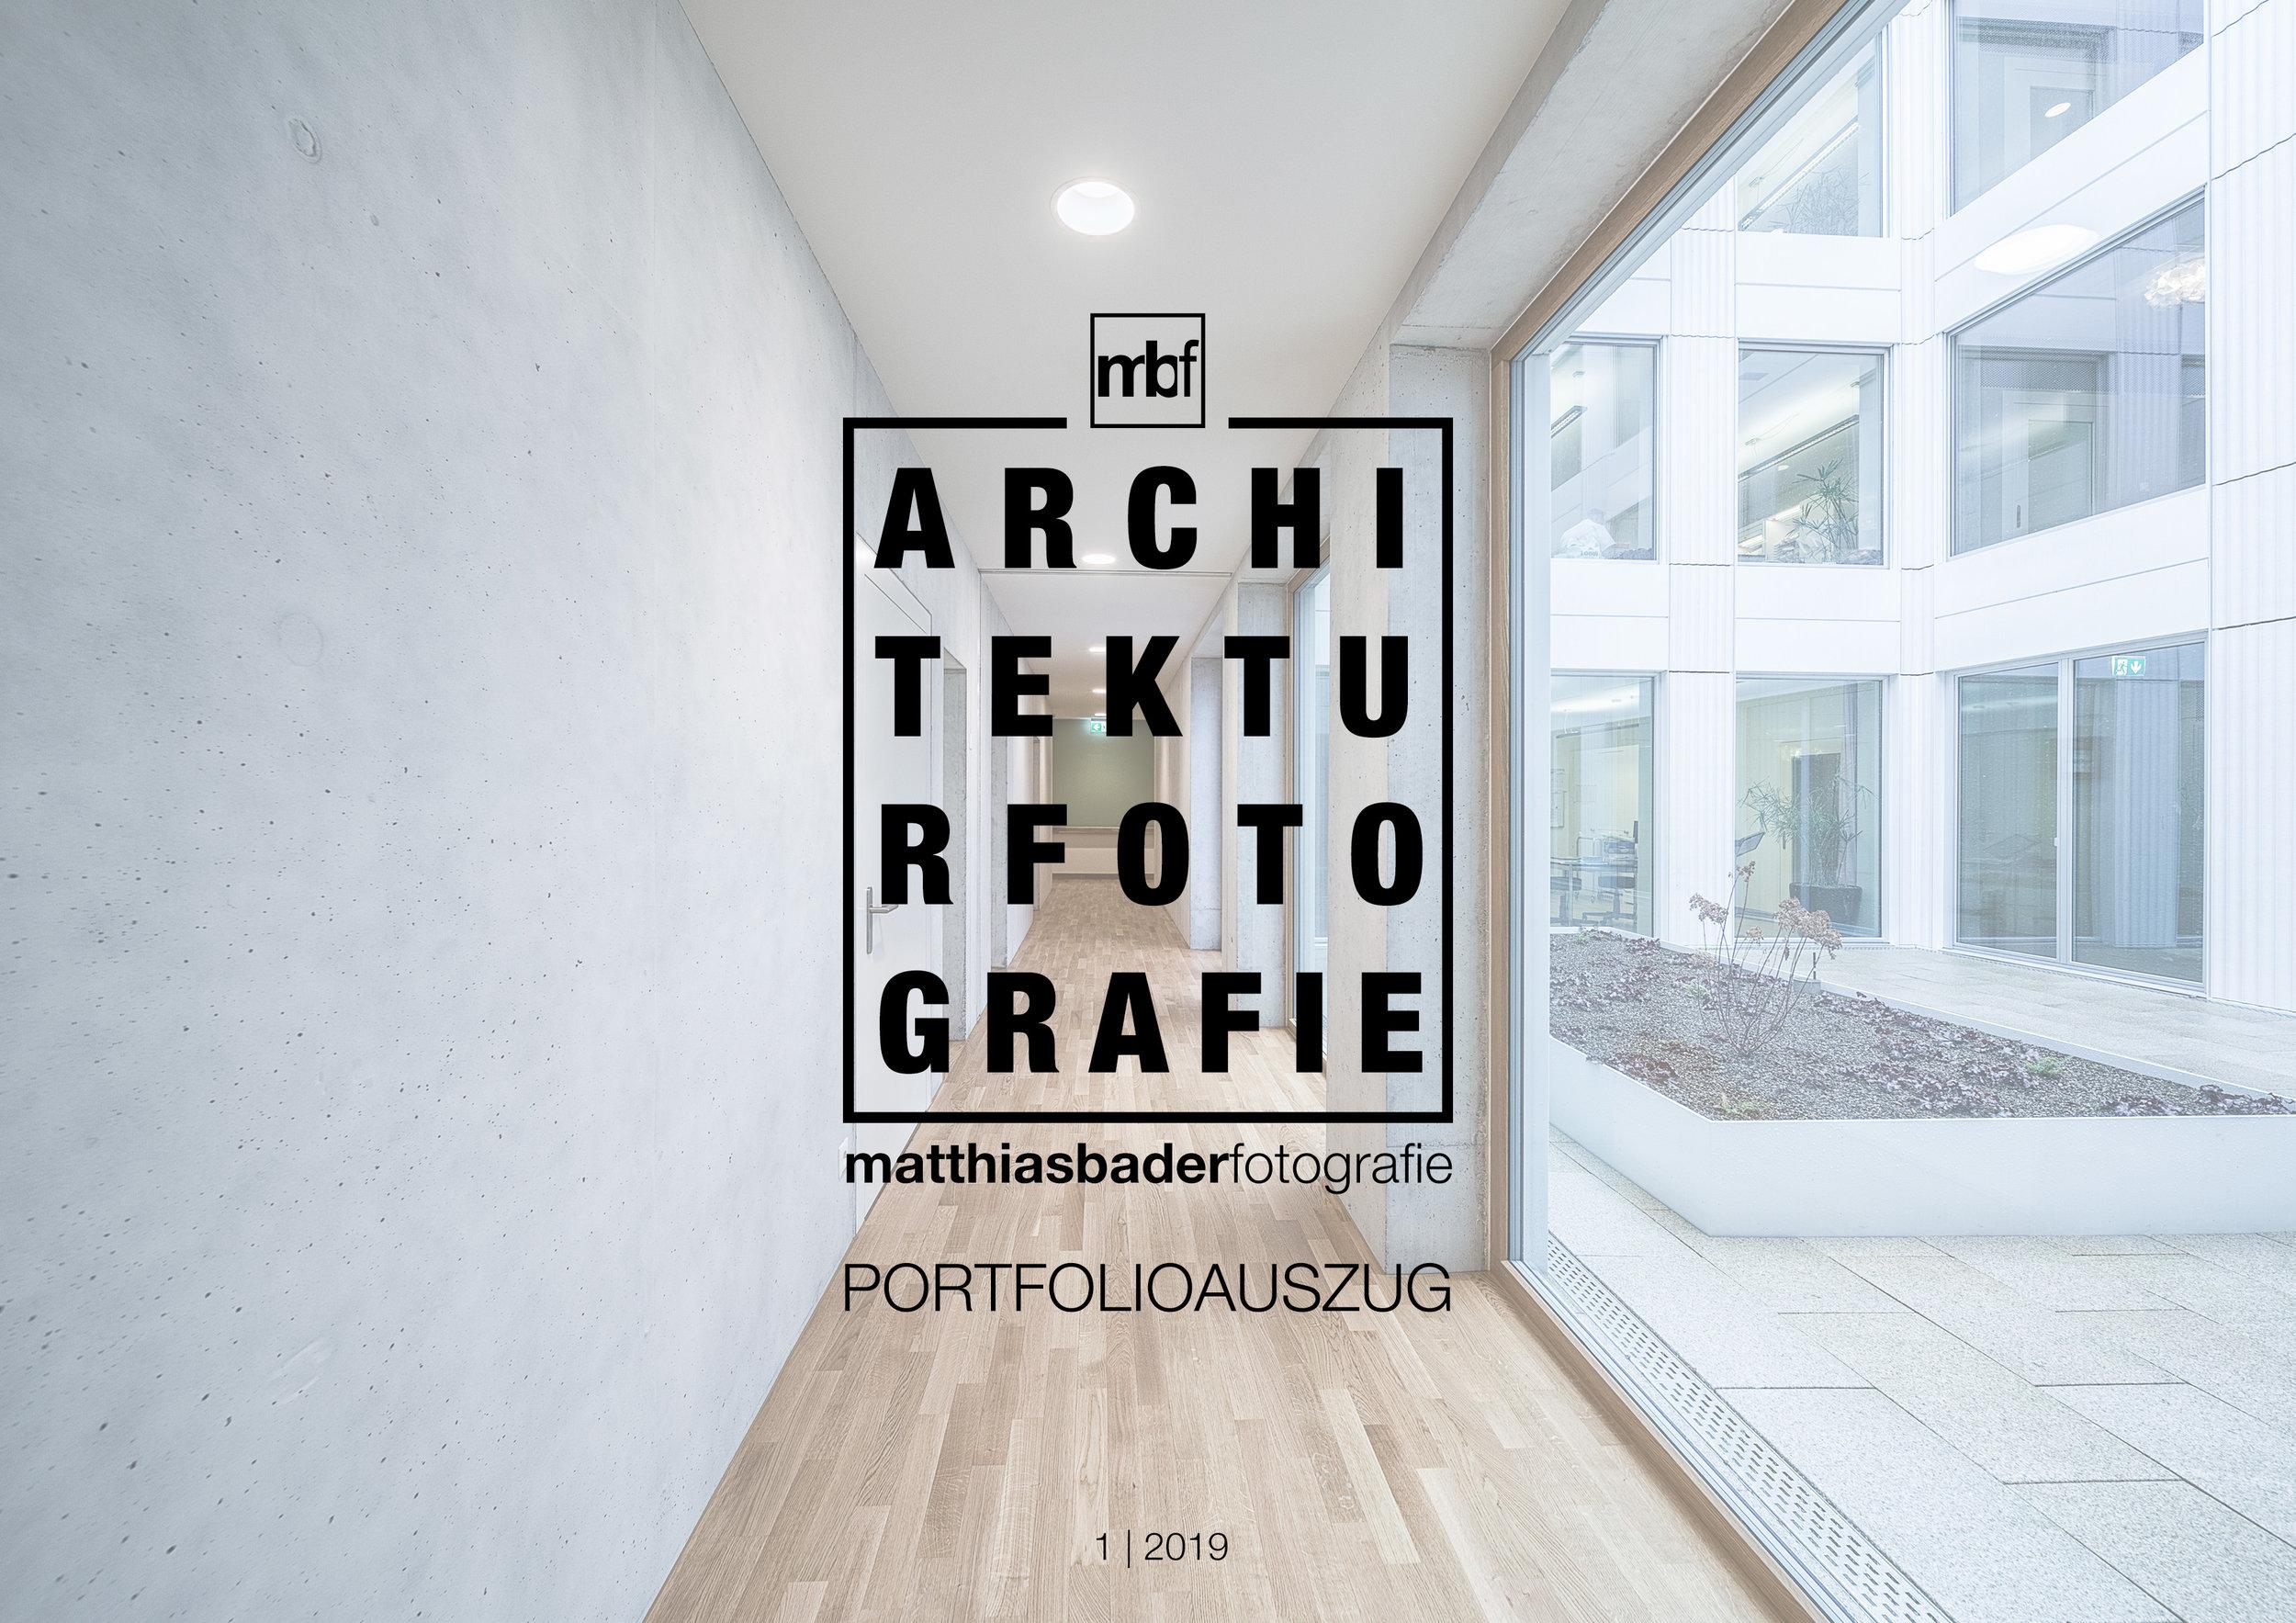 PORTFOLIOAUSZUG - Laden Sie Sich hier den aktuellen Portfolioauszug für die Architekturfotografie herunter.